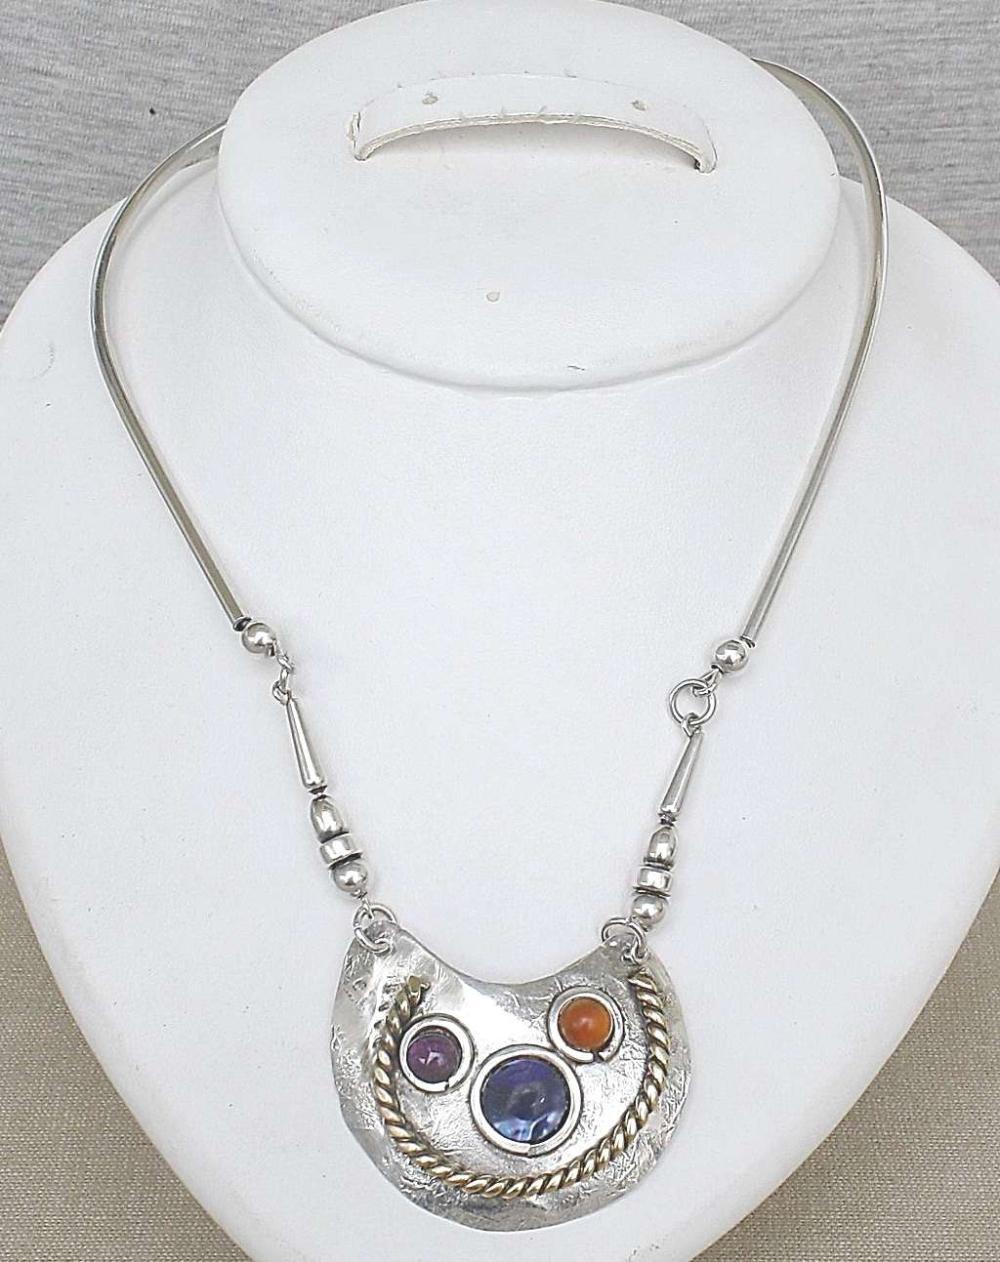 Vintage modernist brass and silver sterling 925 collar necklace set with gemstones, signed, 31gr.